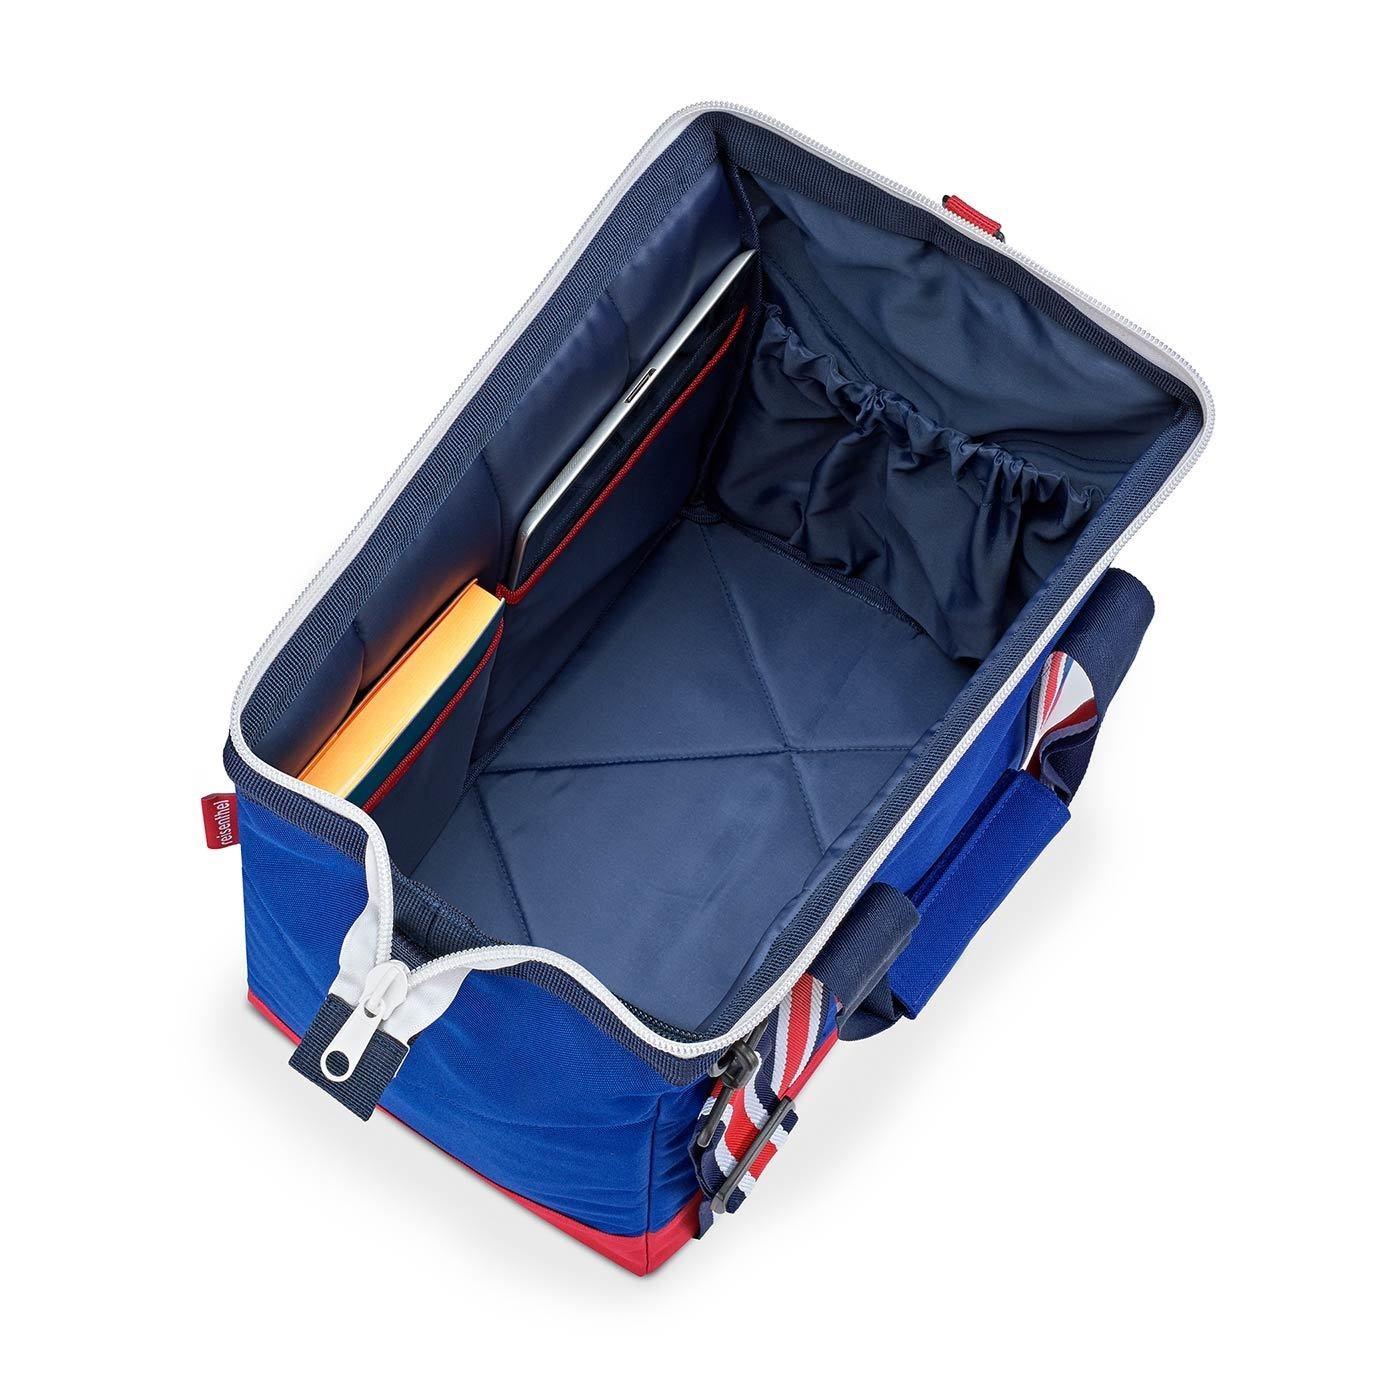 Cestovní taška Allrounder M special edition nautic_0